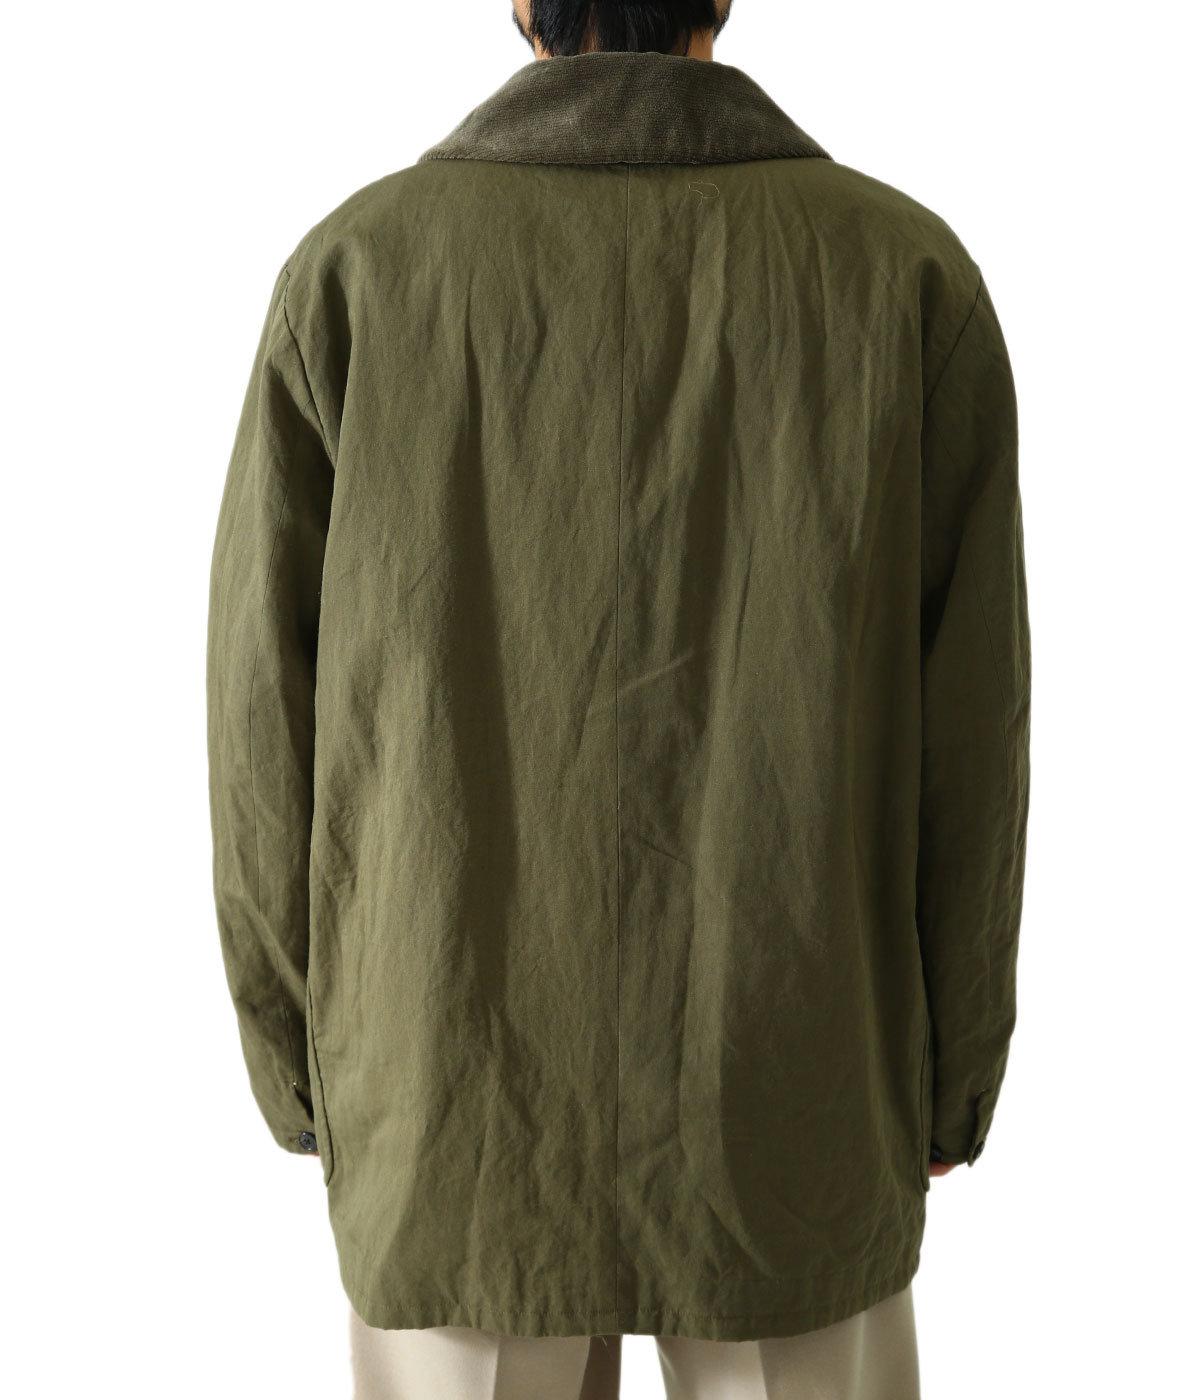 オイルドジャケット - 40556 -